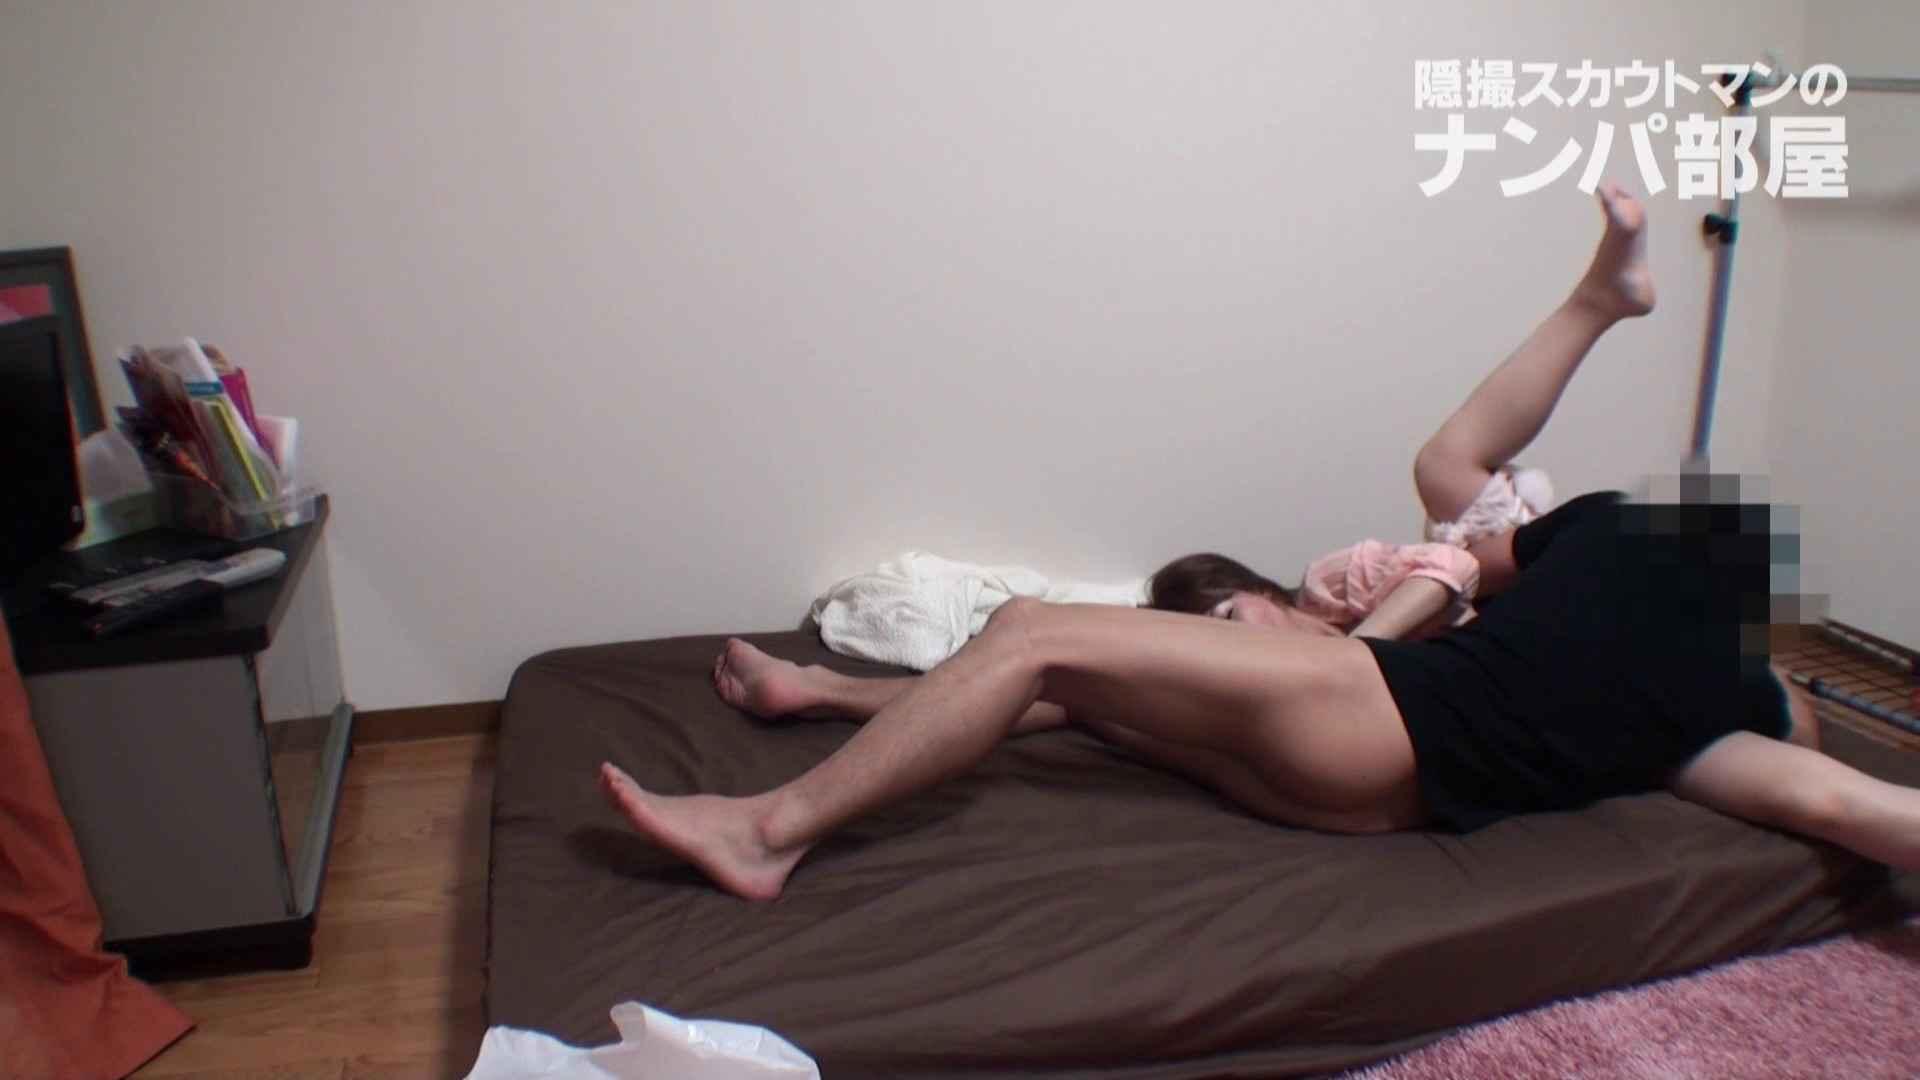 vol.5 kana フェラ・シーン  92枚 92